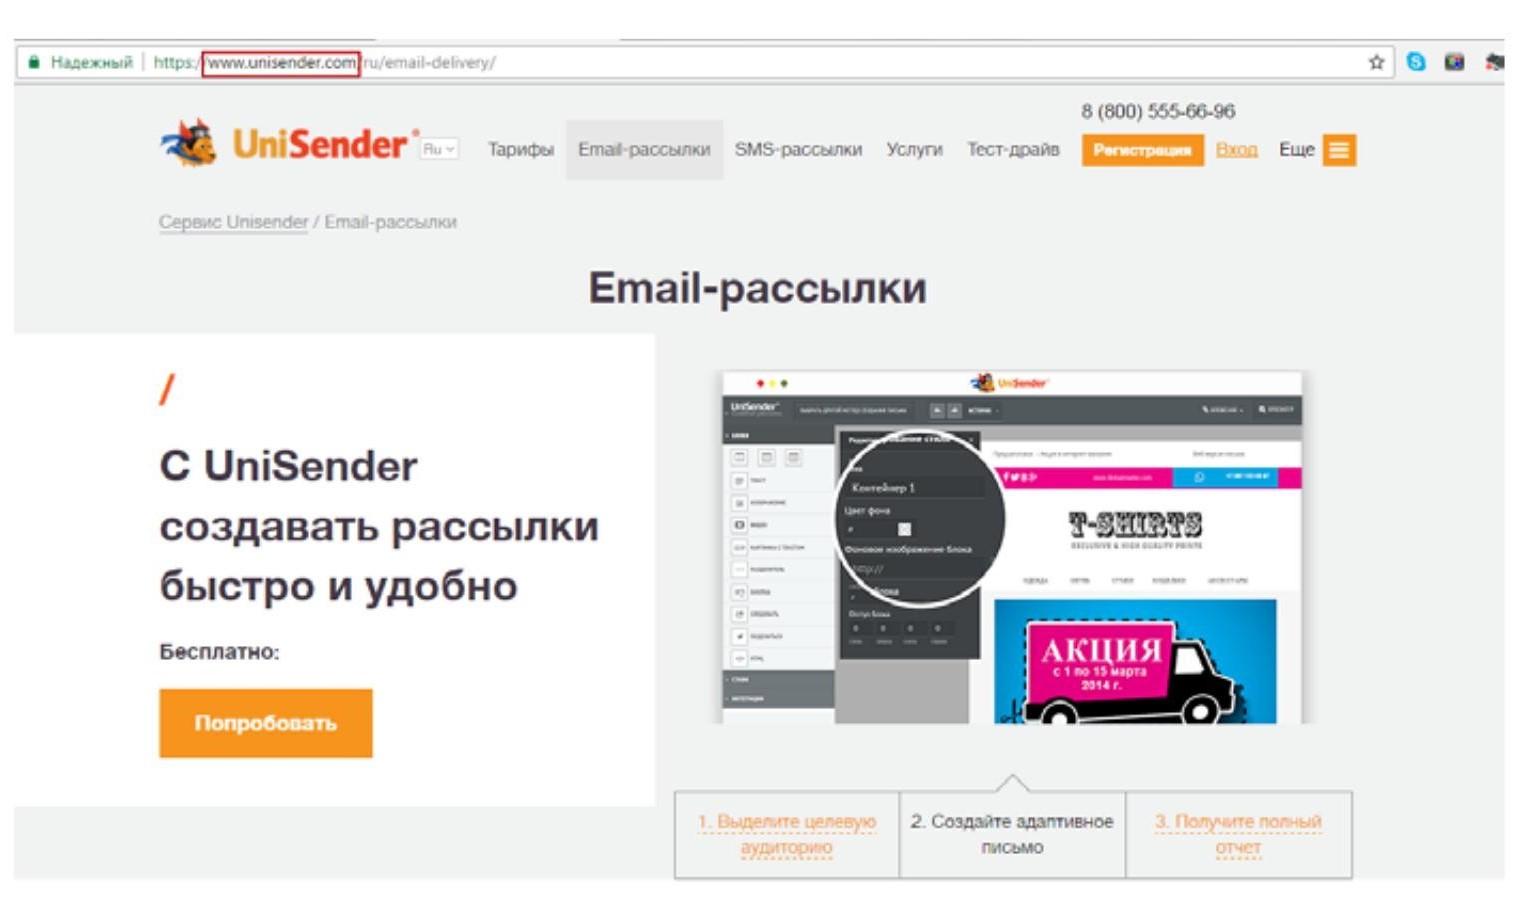 Как узнать свой адрес электронной почты, где посмотреть email с телефона или компьютера